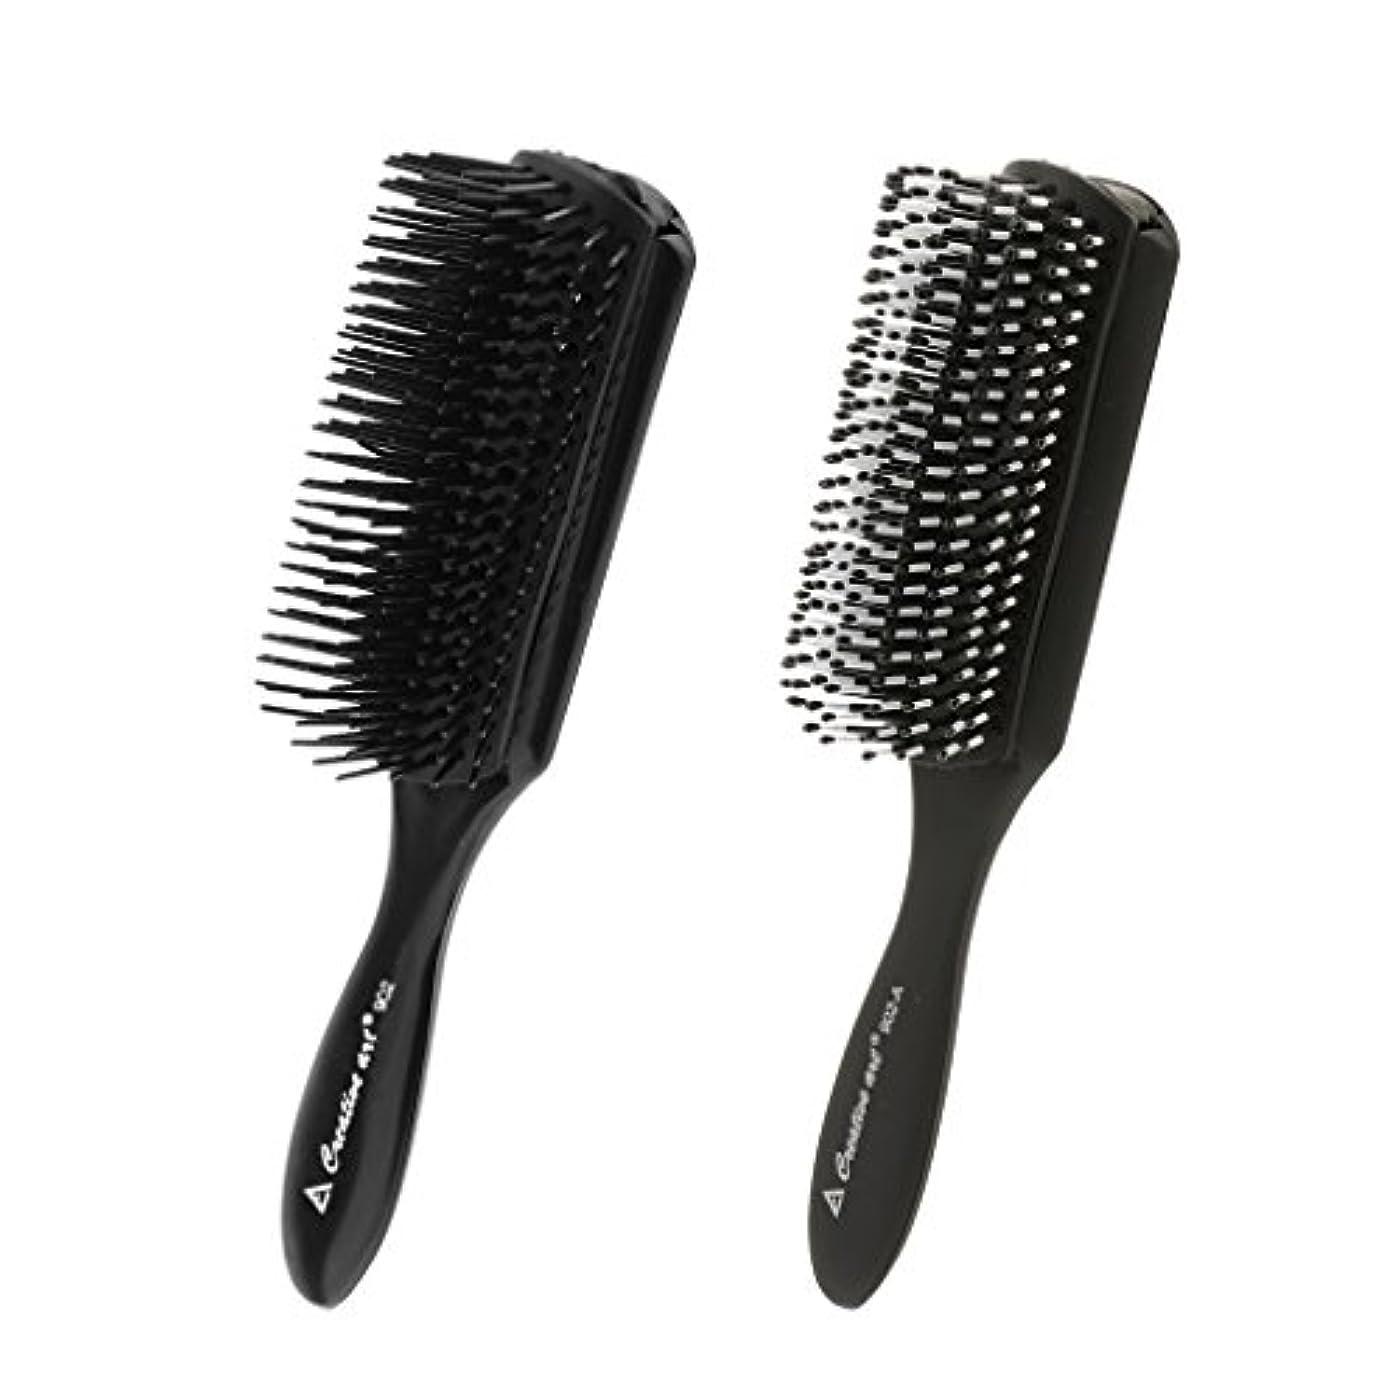 人柄殺人者おびえたCUTICATE 2本の黒い髪のスタイリングの櫛頭皮マッサージブラシサロン理髪用